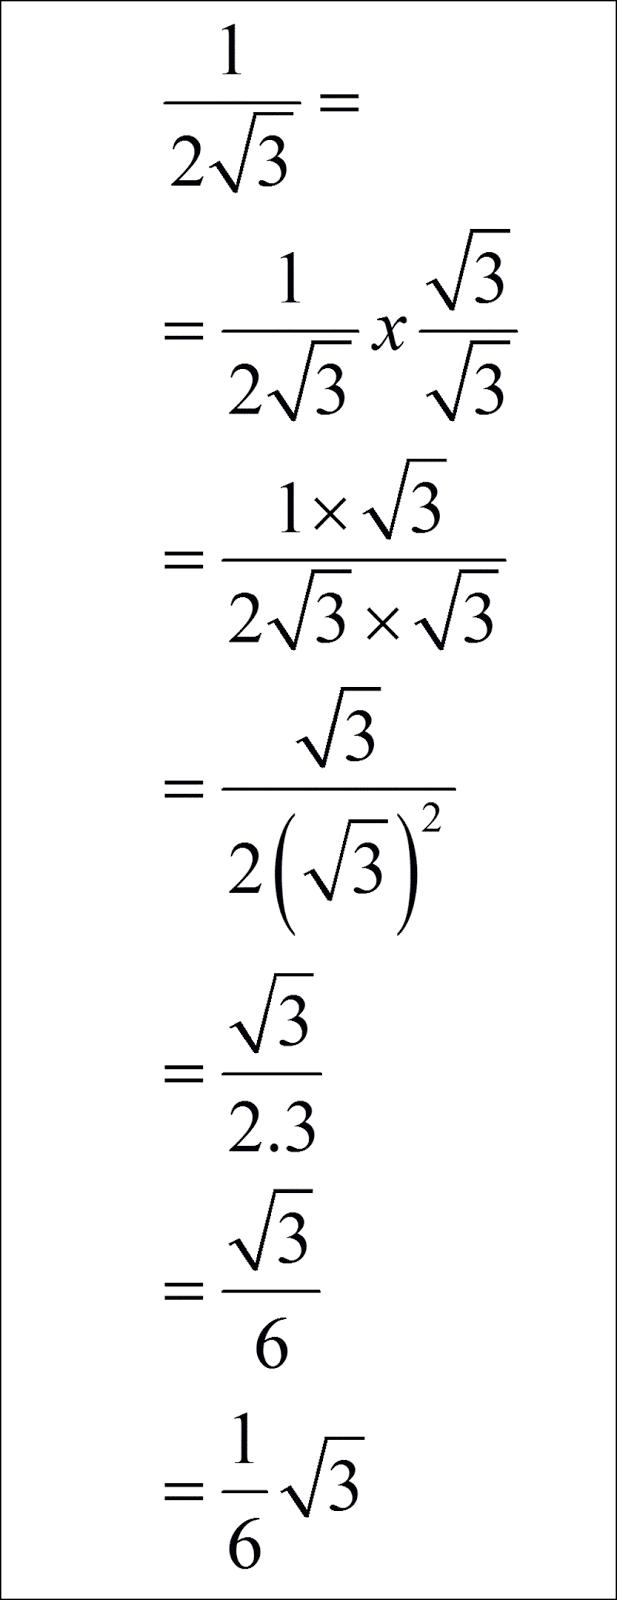 Rumus Bentuk Sederhana : rumus, bentuk, sederhana, Mencari, Bentuk, Sederhana, Pecahan, Dengan, Penyebut, Berakar, Solusi, Matematika